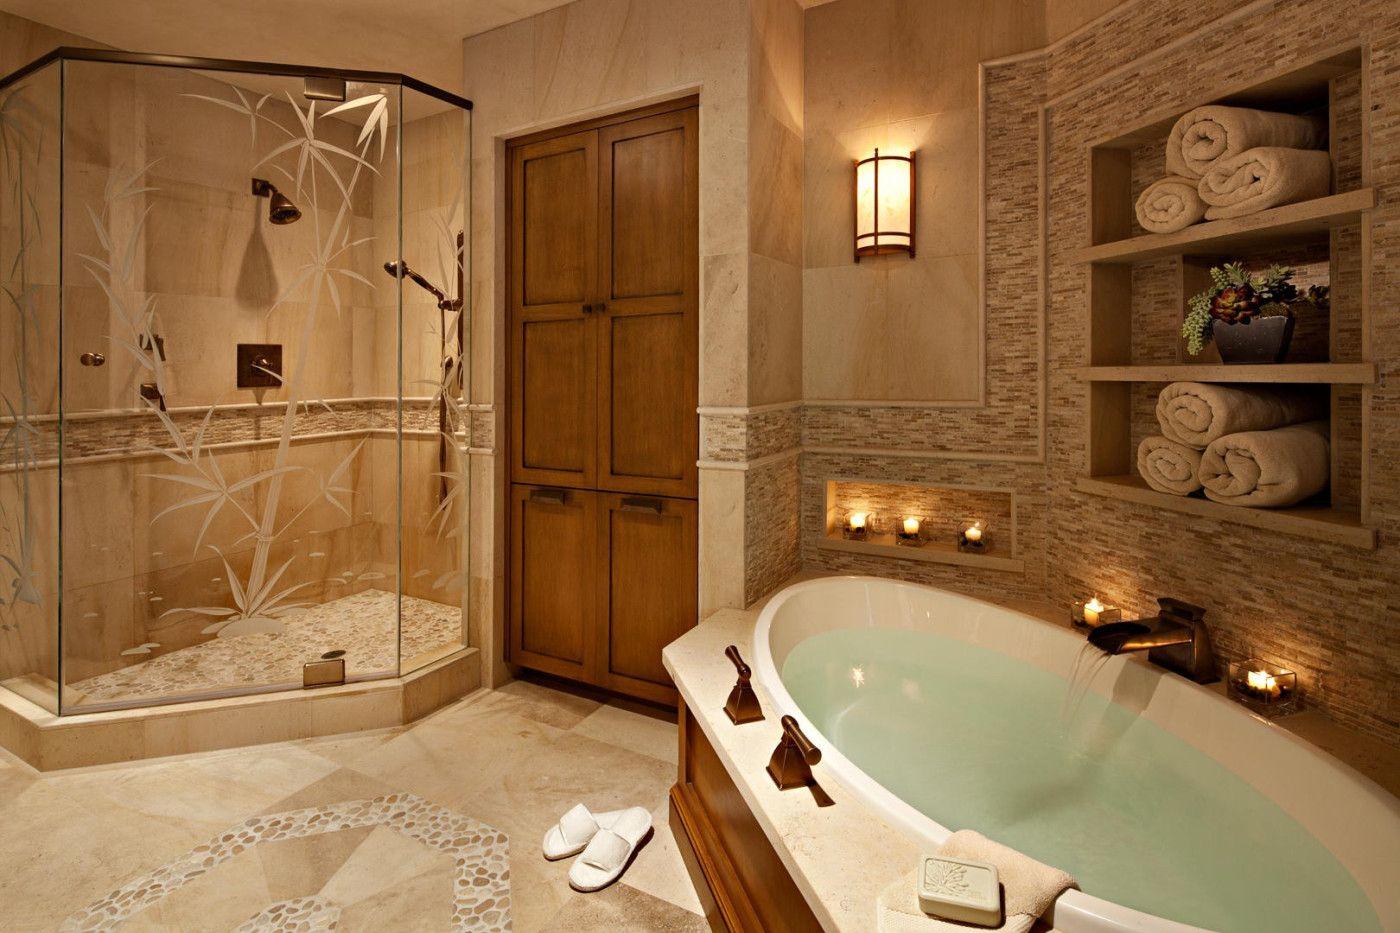 7 Unique Ways To Get Luxury Hotel Bathroom At Home  Luxury Hotel Simple Luxury Hotel Bathroom Inspiration